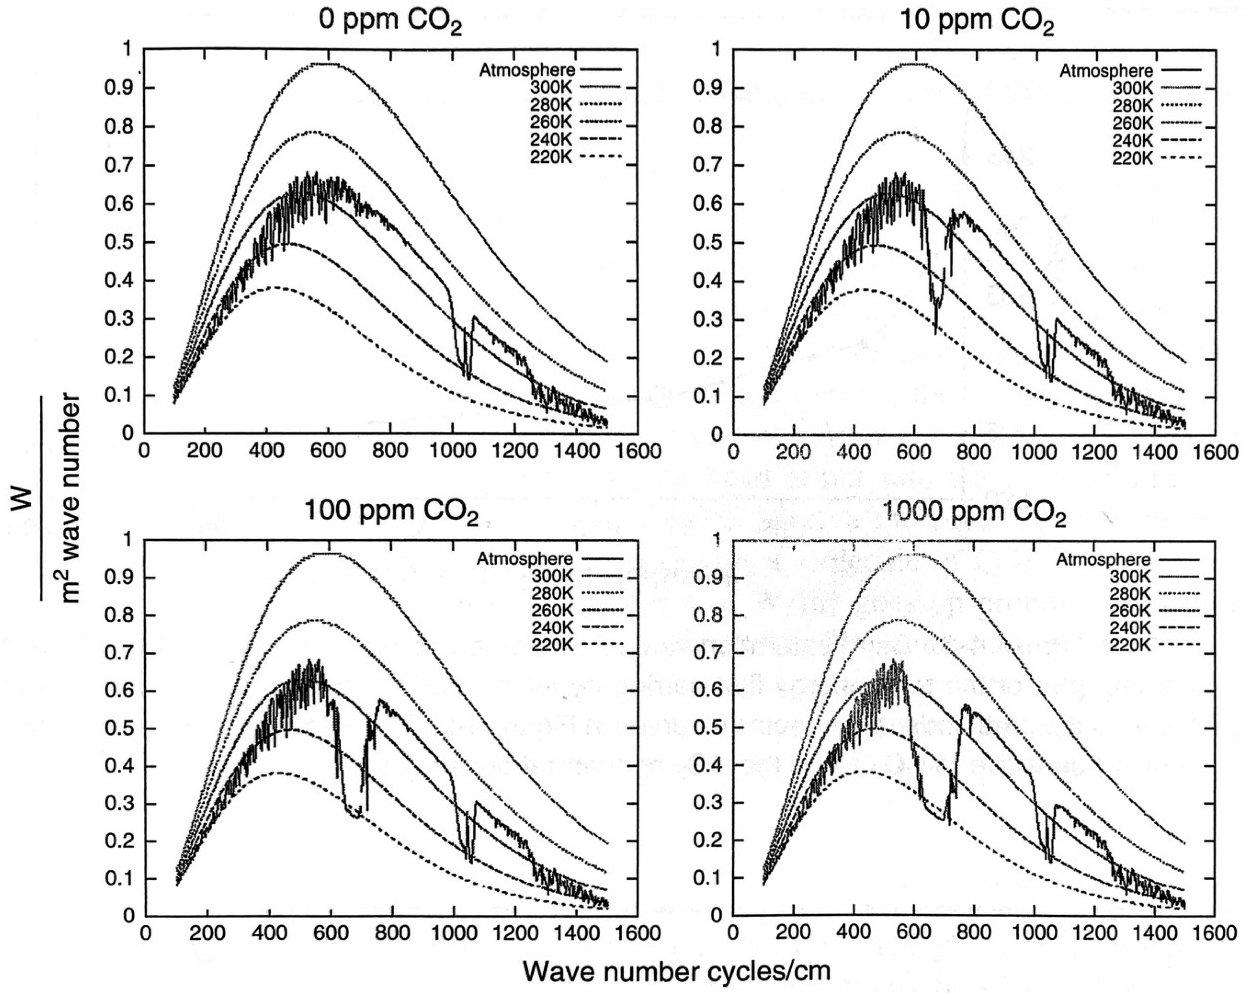 Рис 6. Демонстрация насыщения полосы СО2. Добавление 10 ppm СО2 (вверху справа) имеет огромное значение для спектра уходящего инфракрасного света относительно атмосферы, вкоторой нет СО2 (вверху слева). Увеличение СО2 до 100 и1000 частей на миллион (нижние панели) продолжает влиять на спектр, но получается меньшая отдача от добавленного СО2, когда концентрация СО2 становится выше [12]